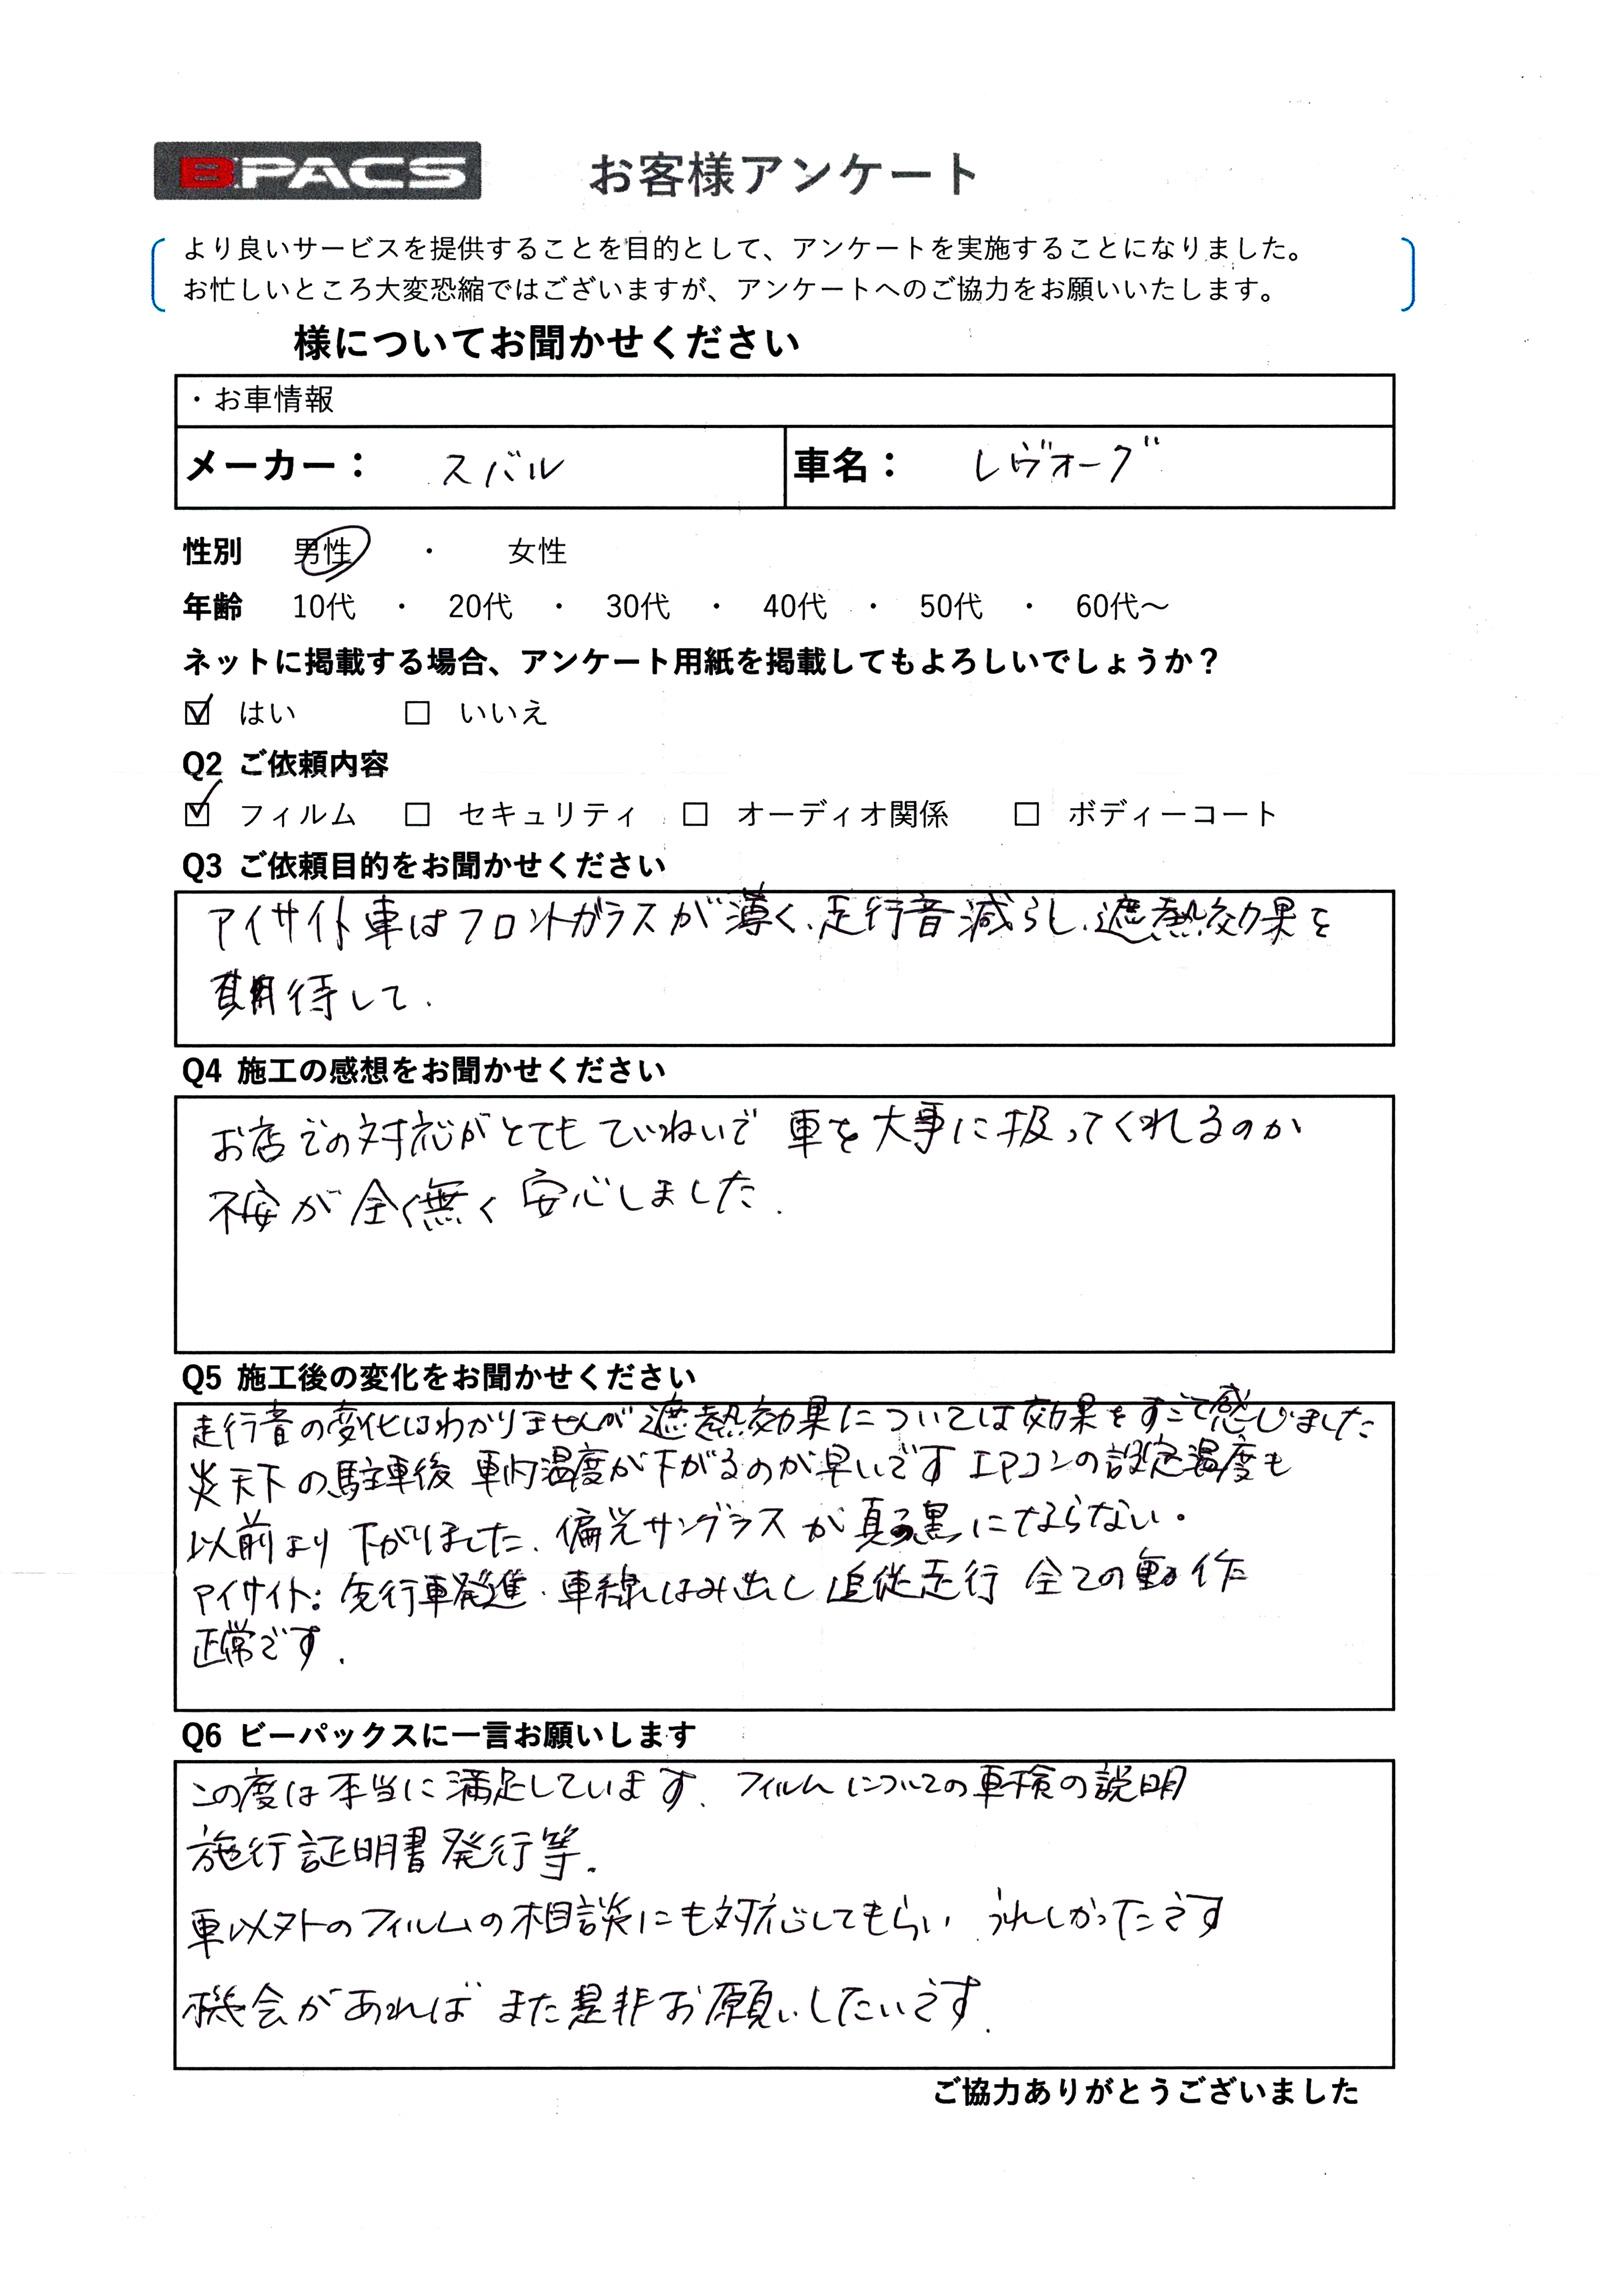 ビーパックスへのクチコミ/お客様の声:T.K. 様(大阪府交野市)/スバル レヴォーグ